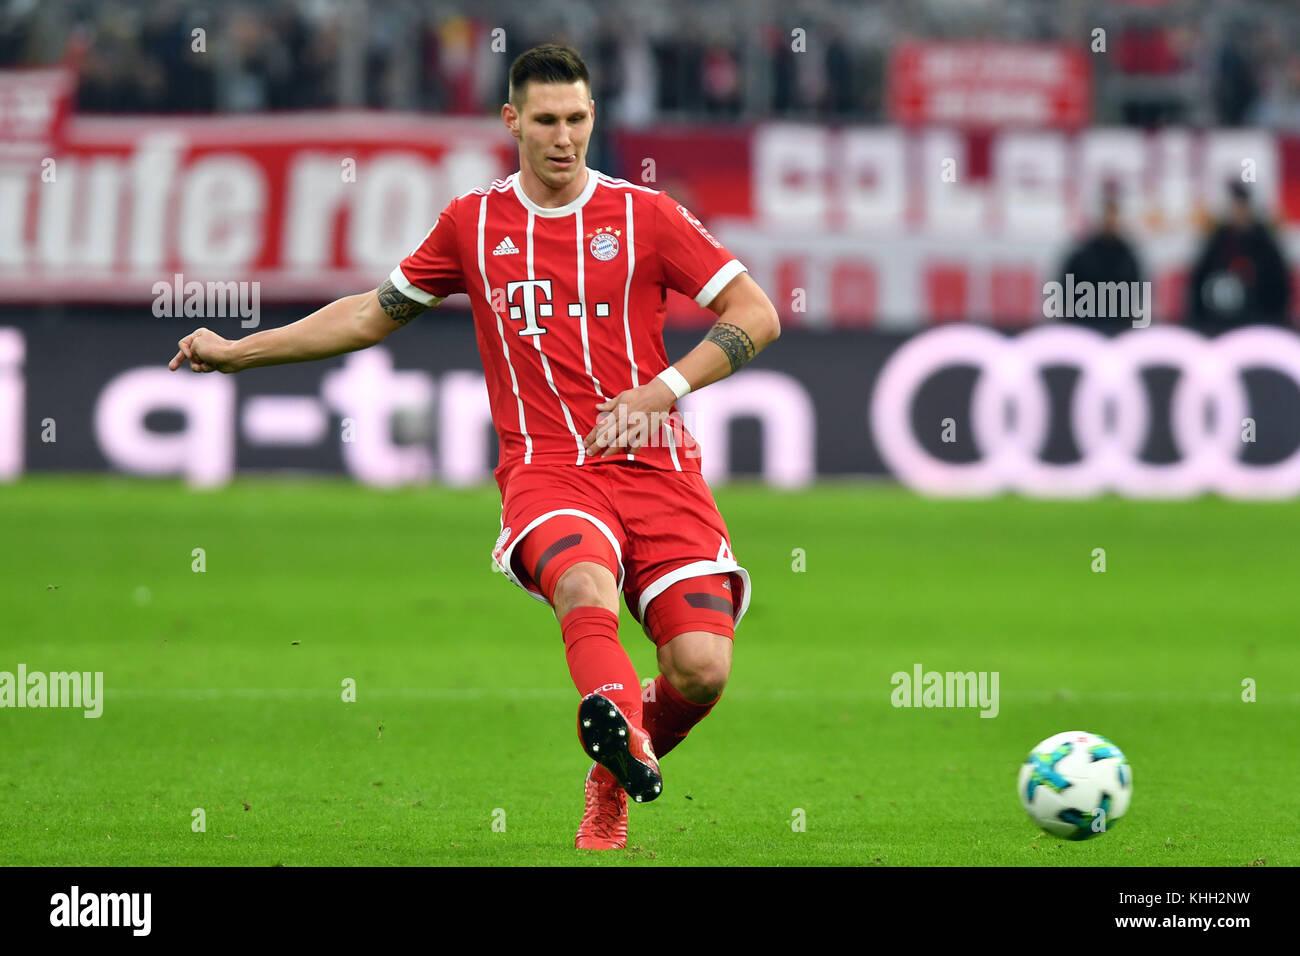 Niklas SUELE (FC Bayern Munich), Aktion, Einzelaktion, Einzelbild, Freisteller, Ganzkoerperaufnahme, ganze Figur. - Stock Image